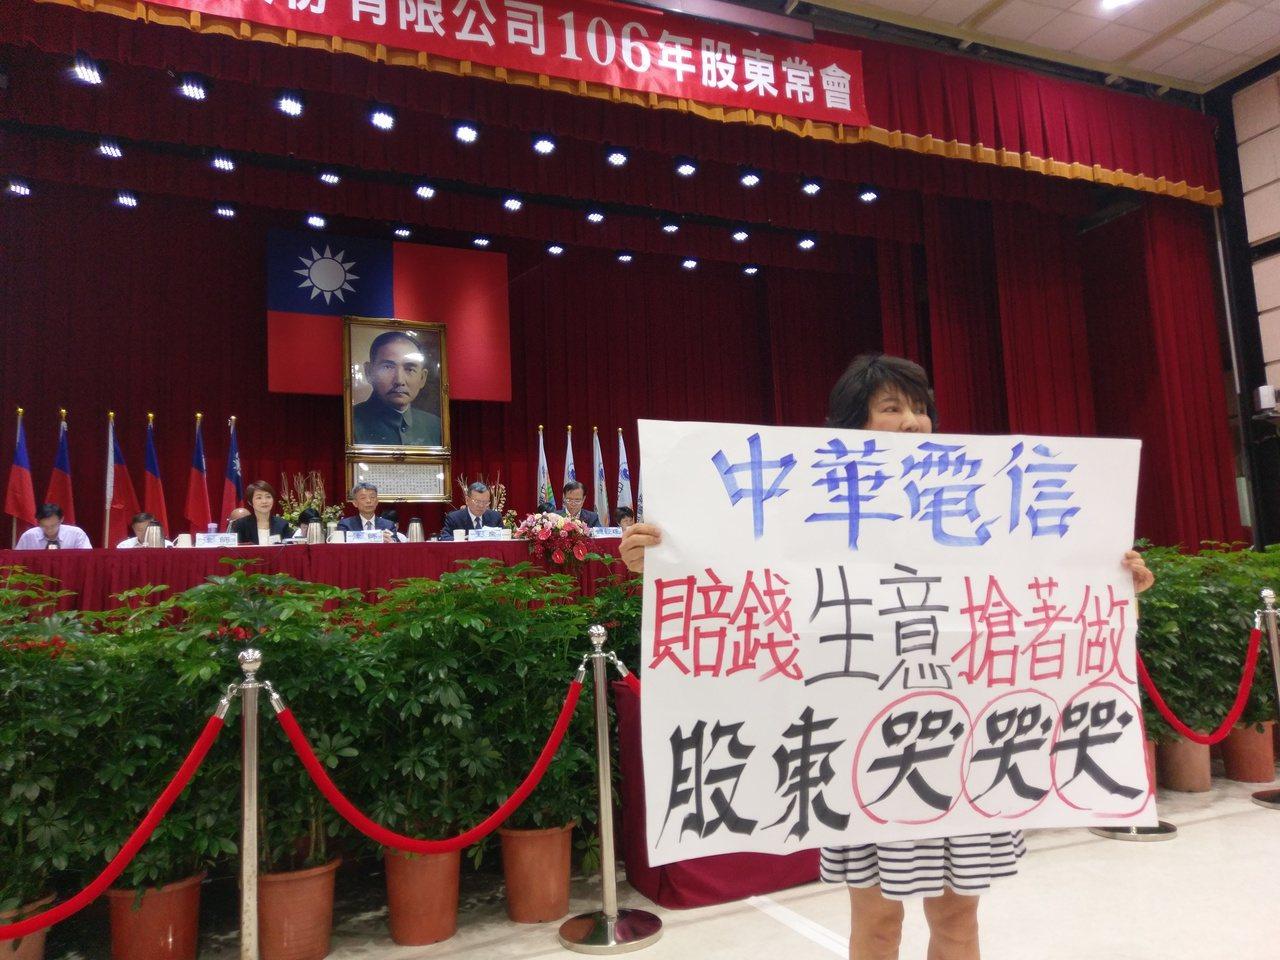 中華電信股東會,股東舉牌抗議。黃晶琳/攝影